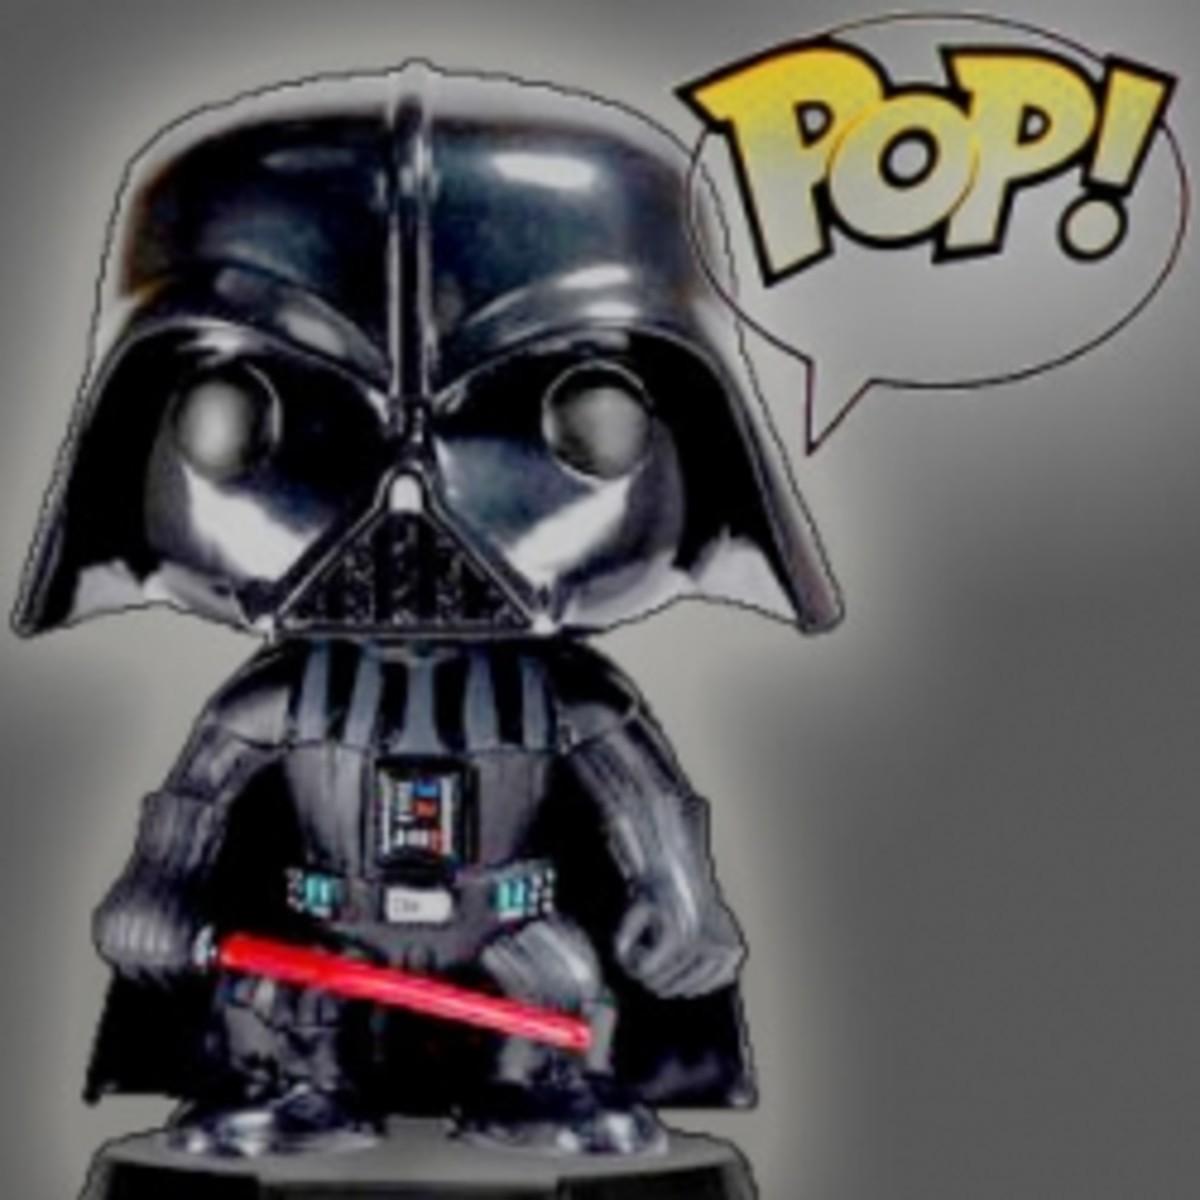 Funko Star Wars Pop Vinyl Toy Figures